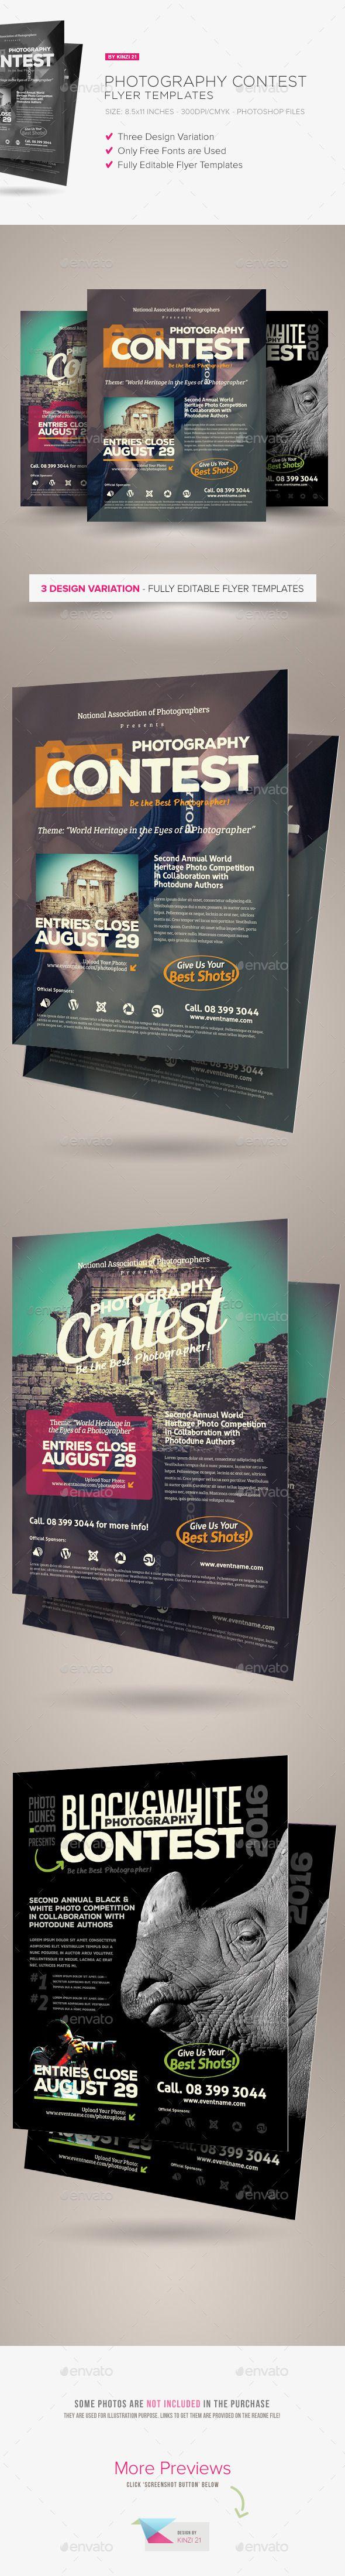 Photography Contest Flyers Flyer Templates Pinterest